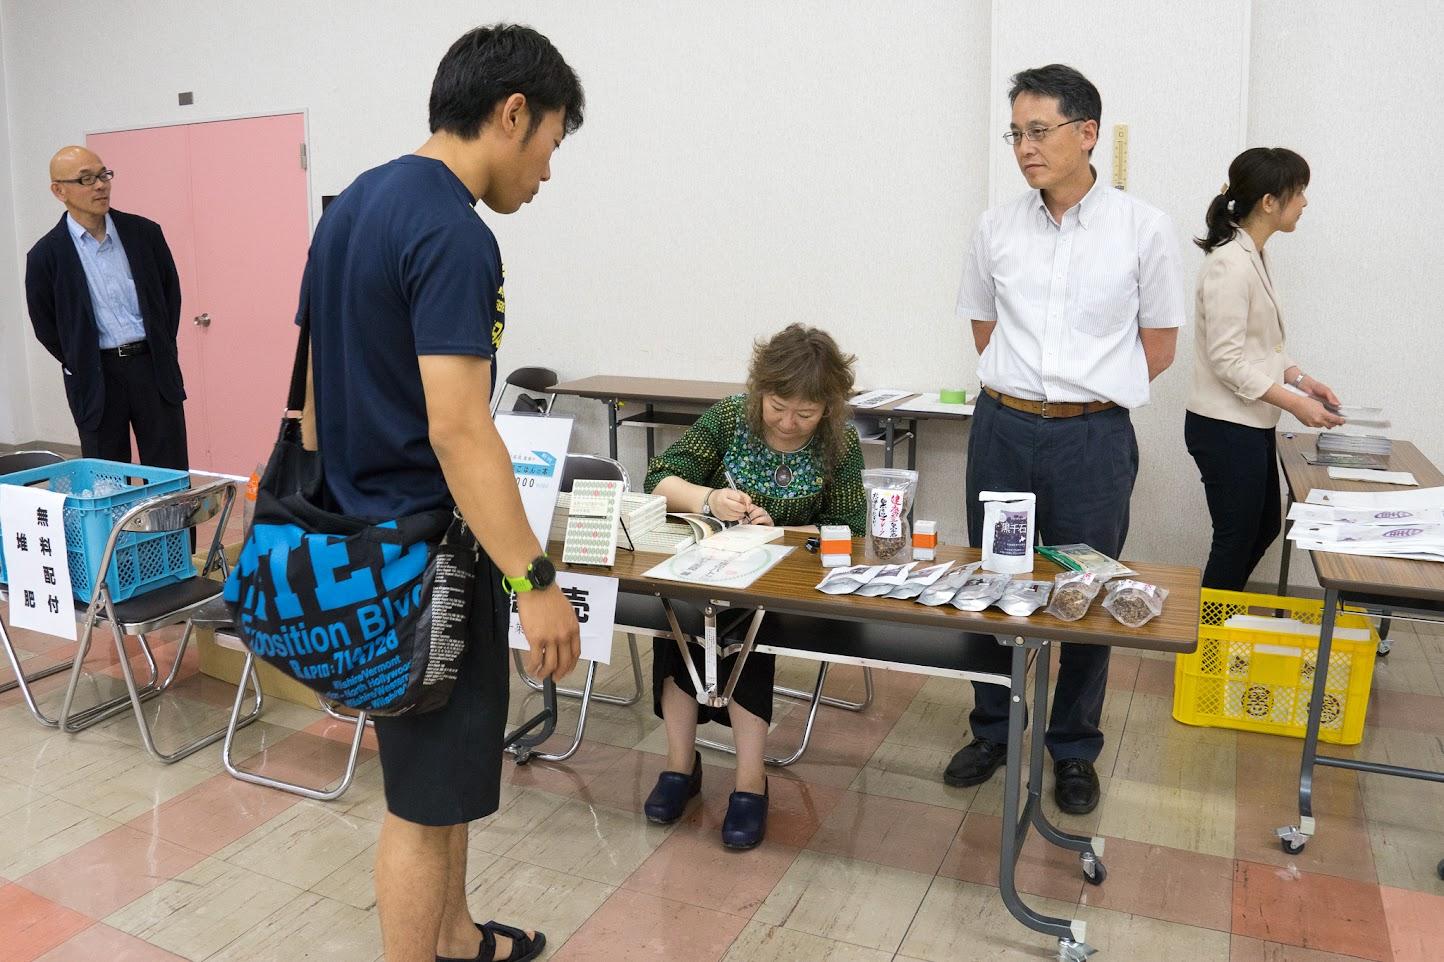 大林千茱萸著「未来へつなぐ食のバトン」販売&サイン会